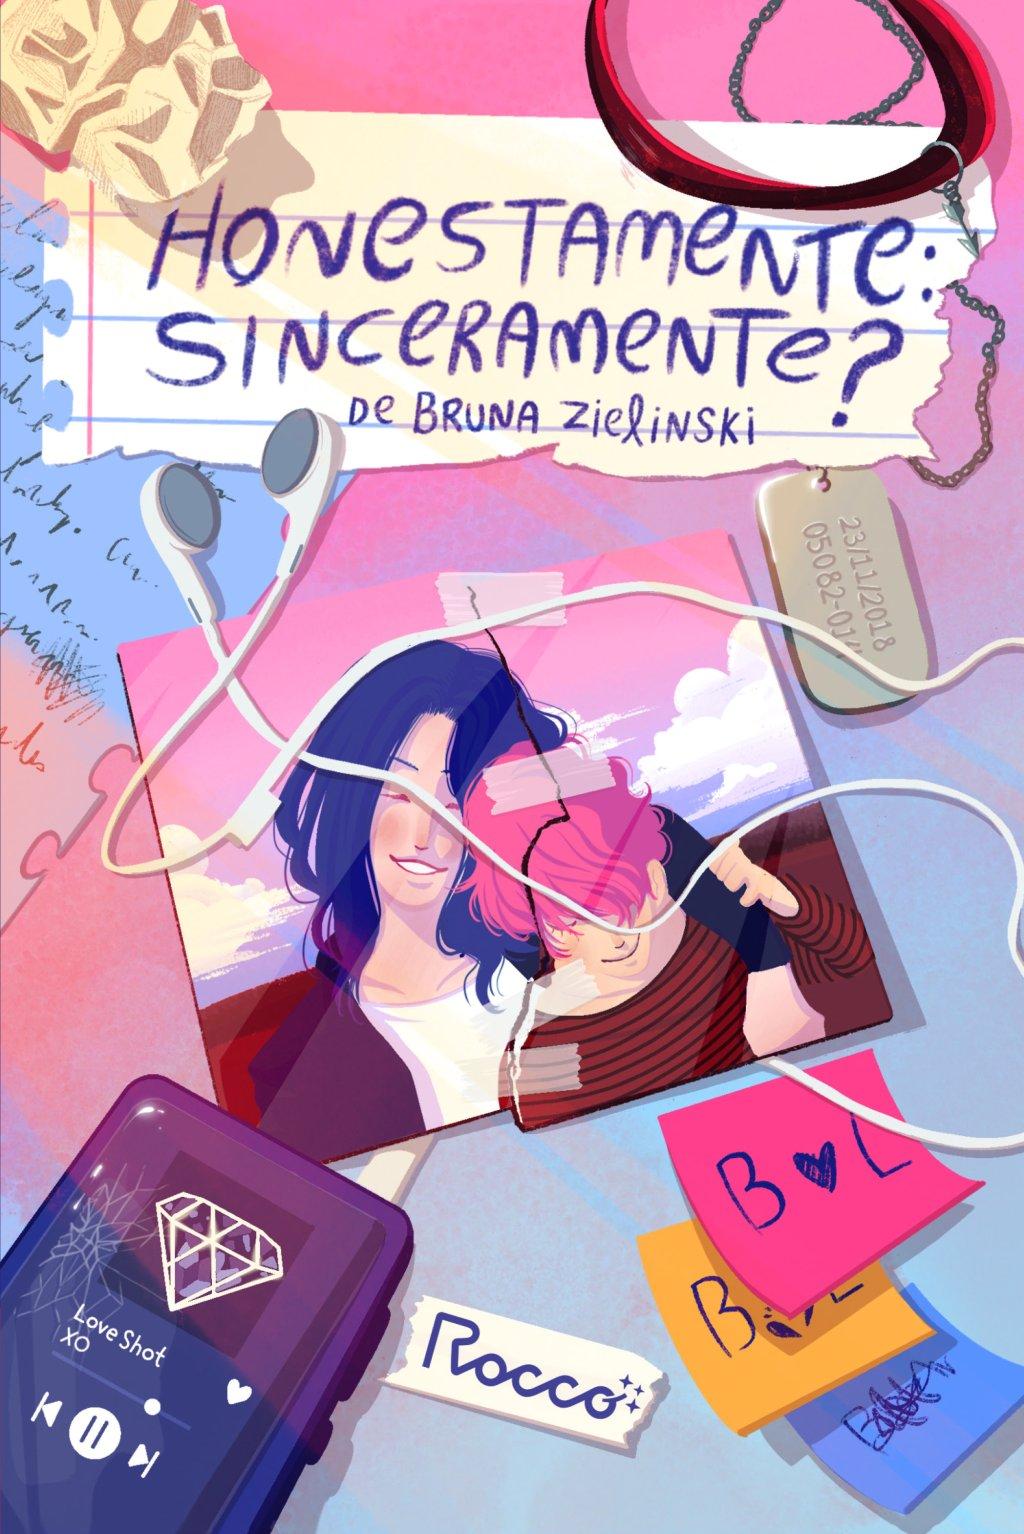 Conheça Honestamente: Sinceramente?, livro inspirado em fanfic de K-pop |  Capricho